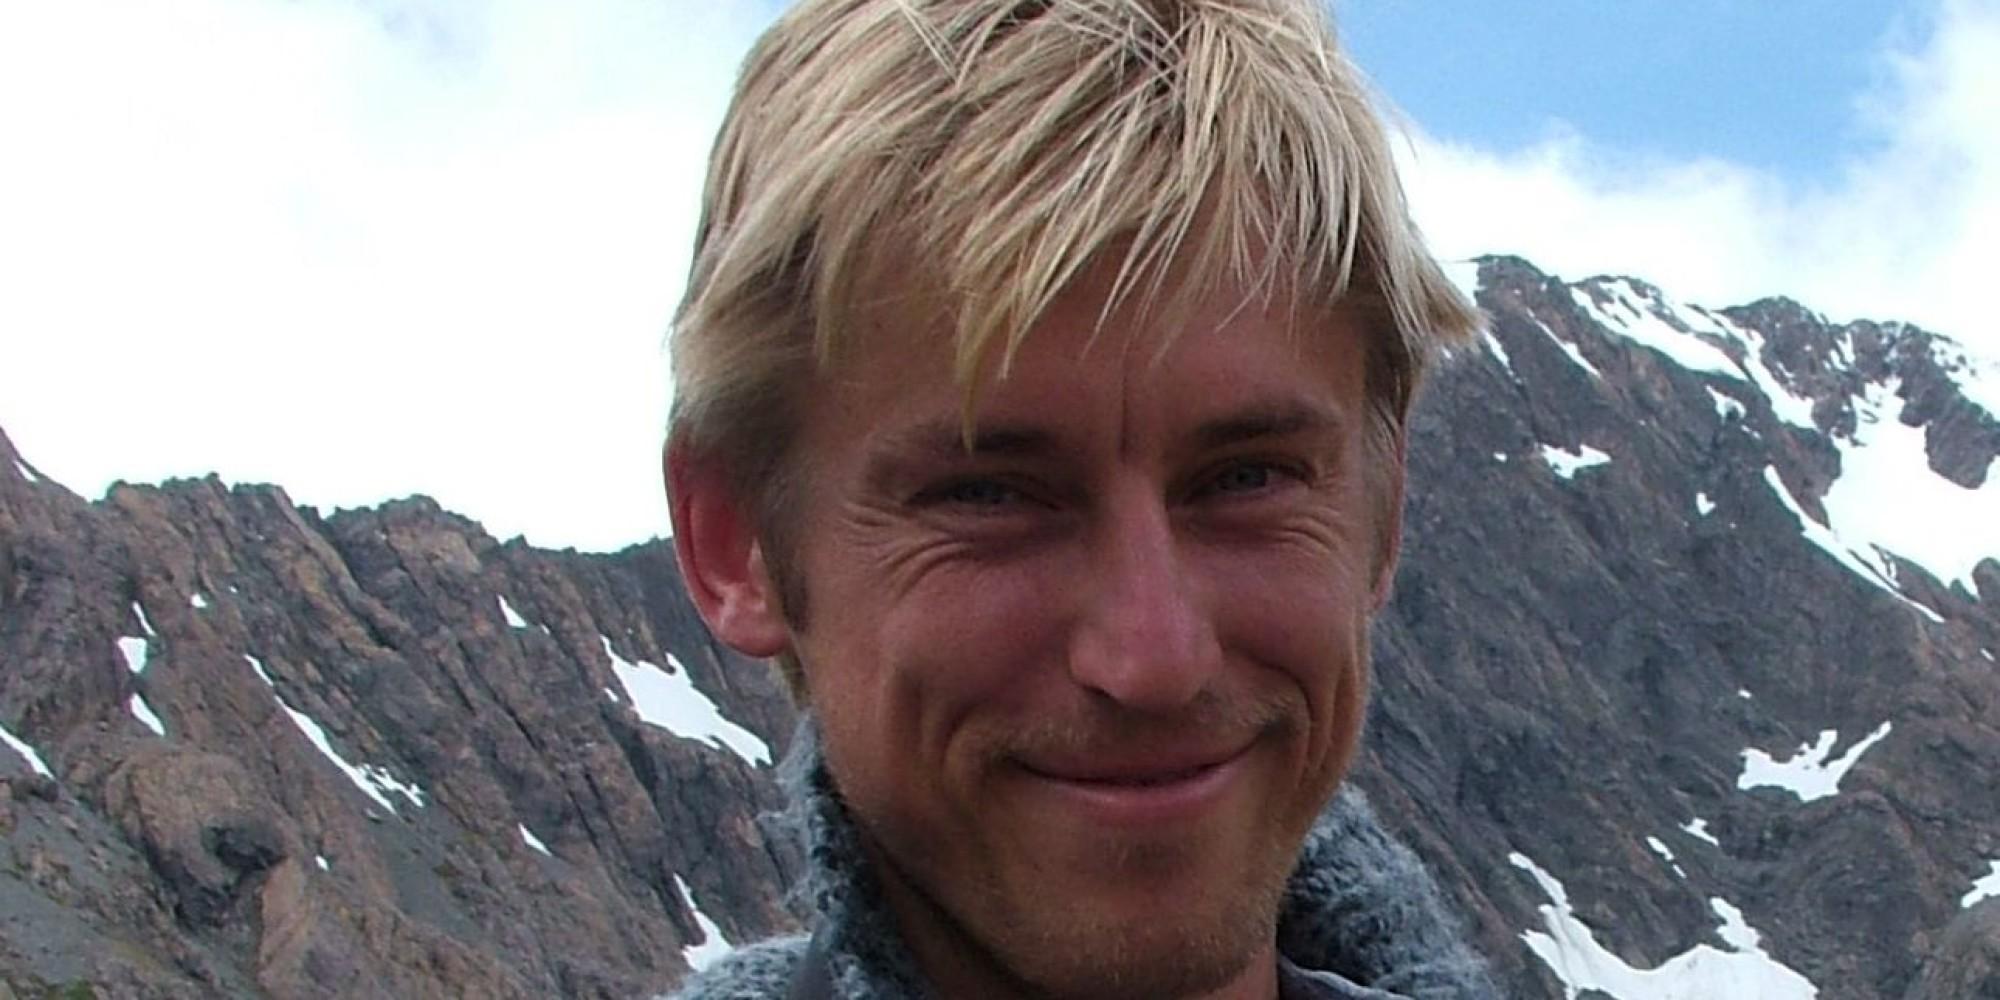 VincentKalkman